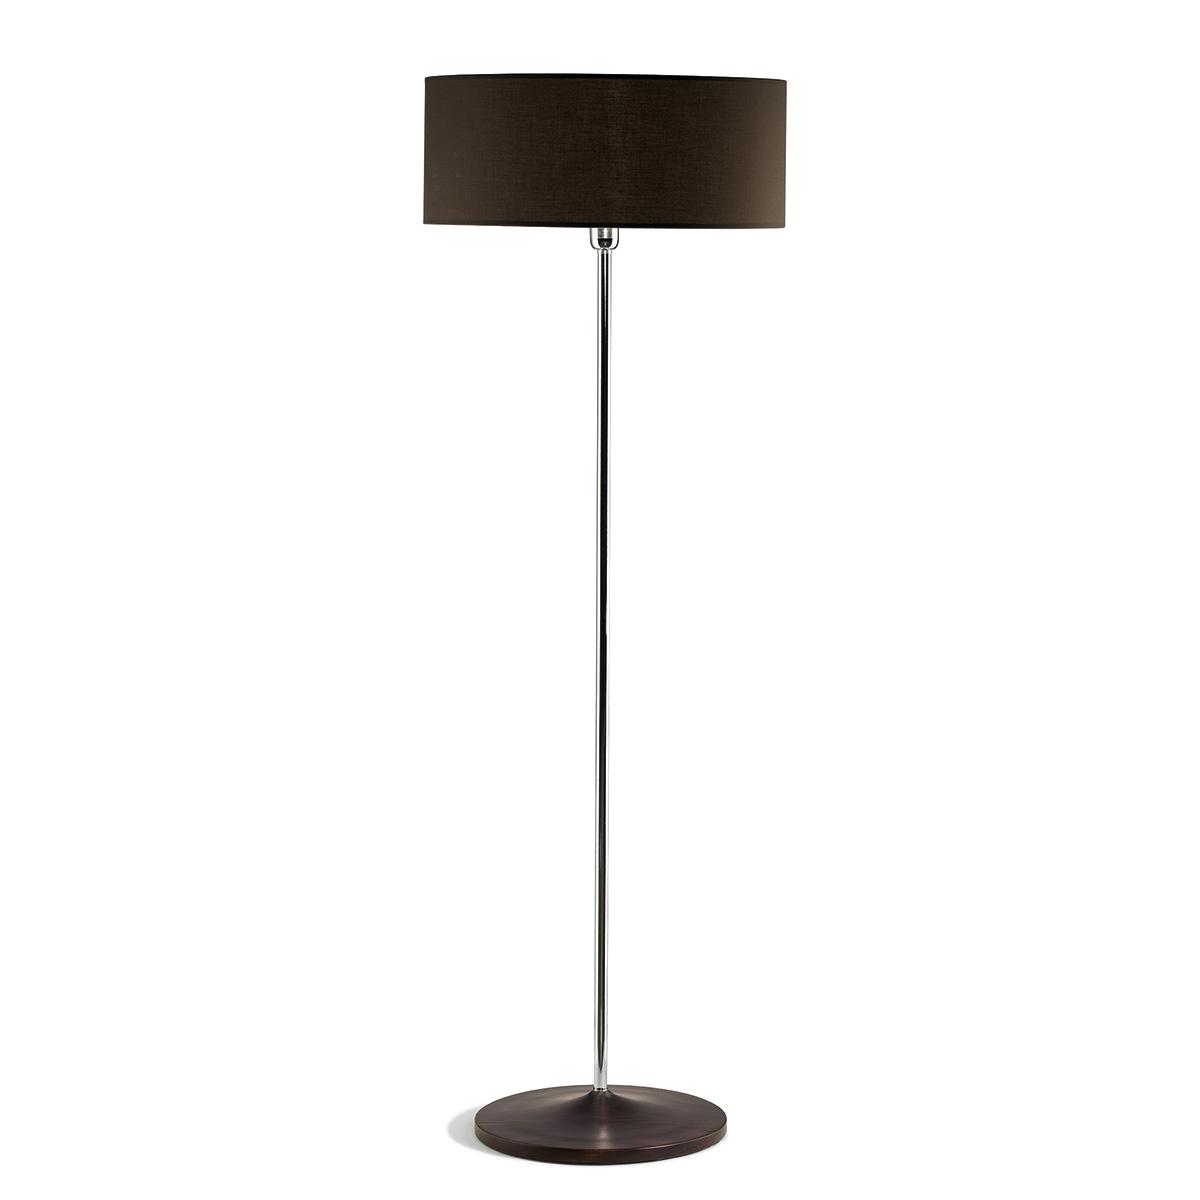 Φωτιστικό δαπέδου με ανθρακί καπέλο DISCO ZEN floor lamp with dark grey shade